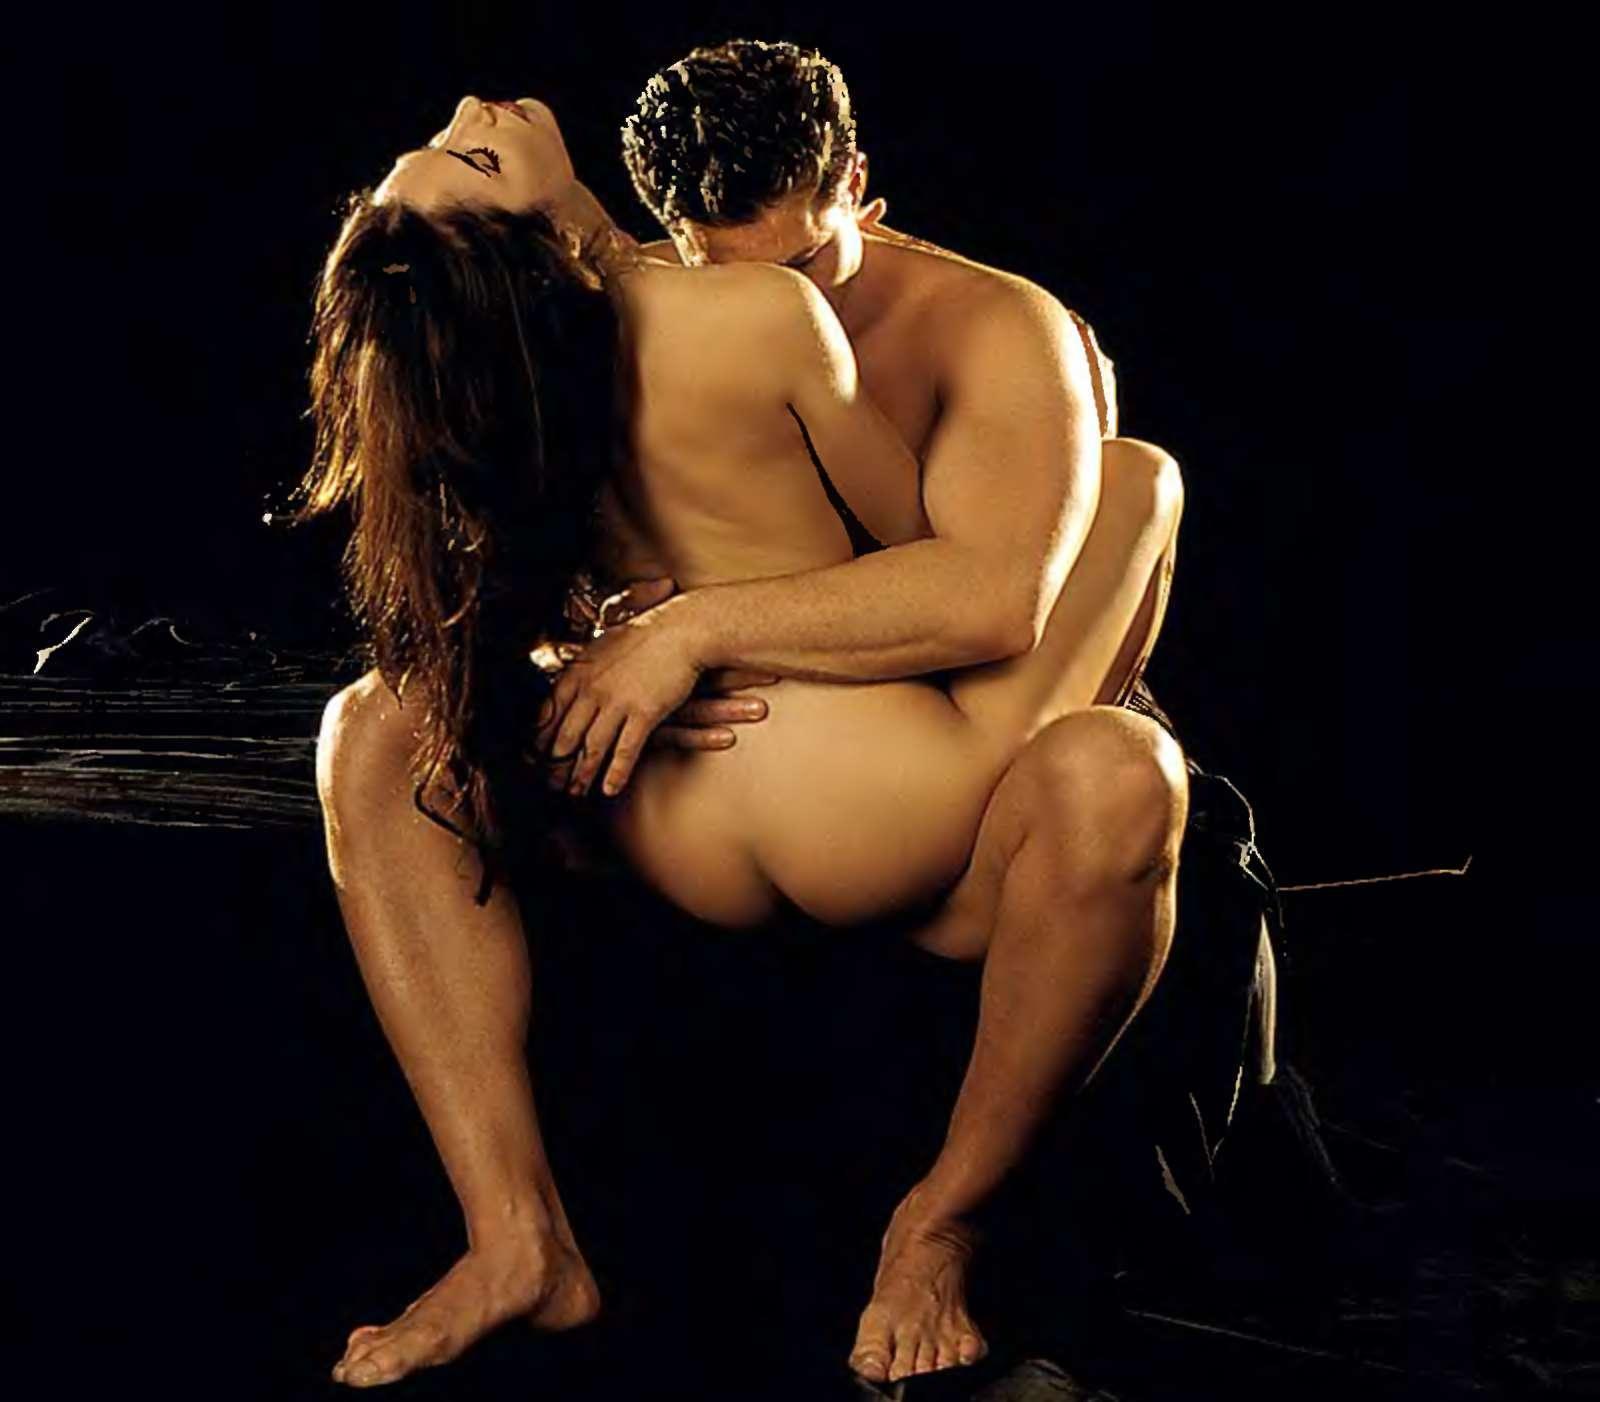 Эротическое фото в паре в разных позах 26 фотография